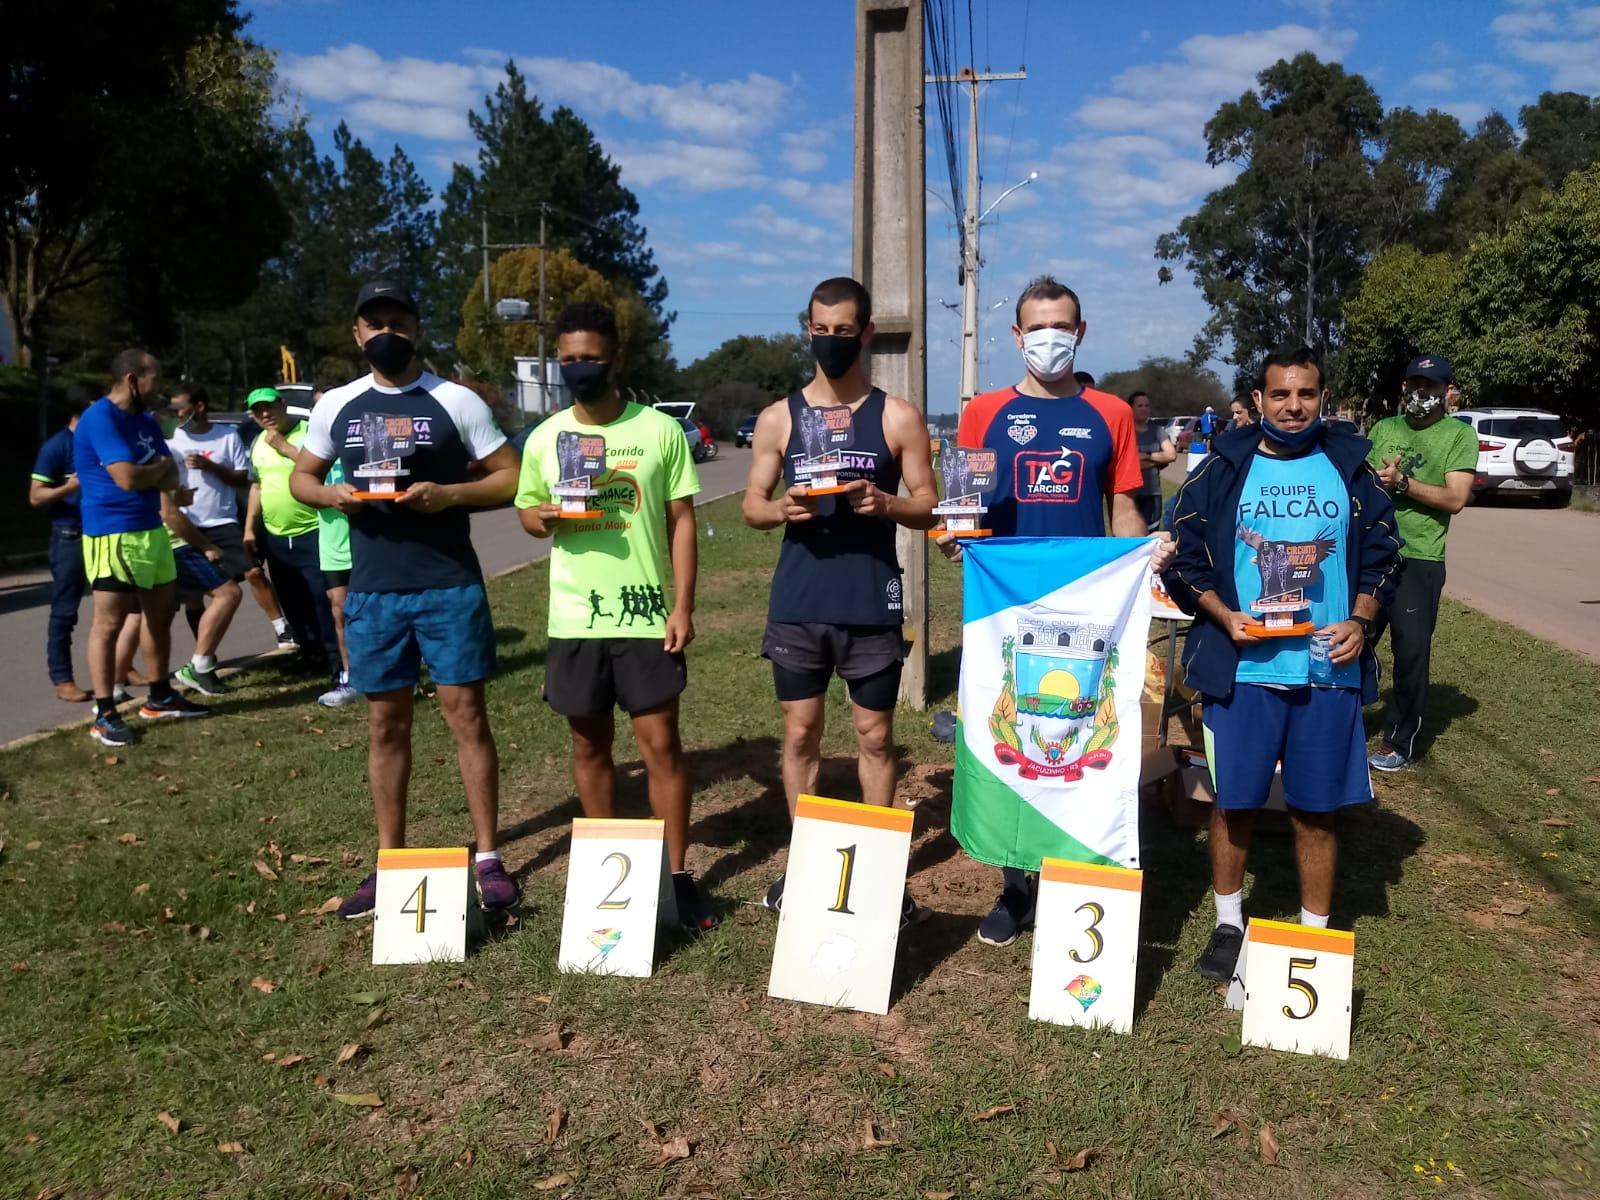 Atleta de Jacuizinho conquista o 3º lugar no Circuito de Corridas de Santa Maria